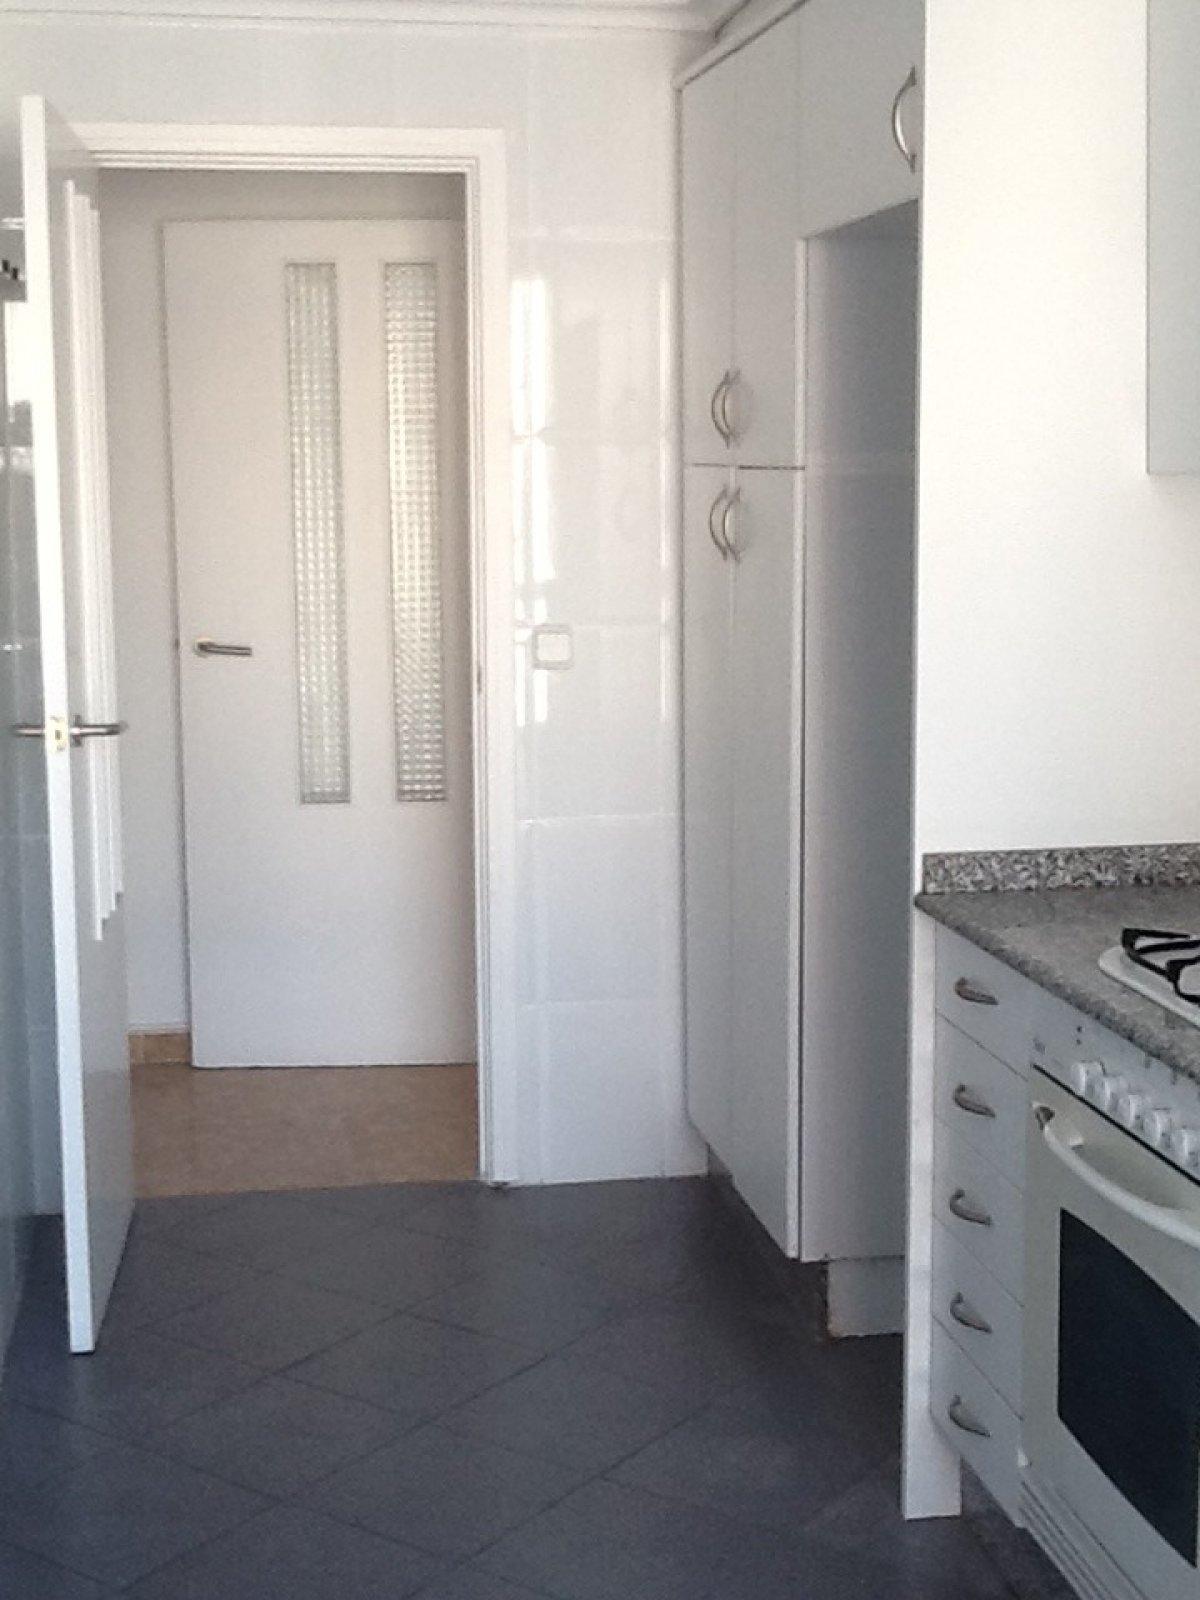 Alquiler de piso en valencia - imagenInmueble16